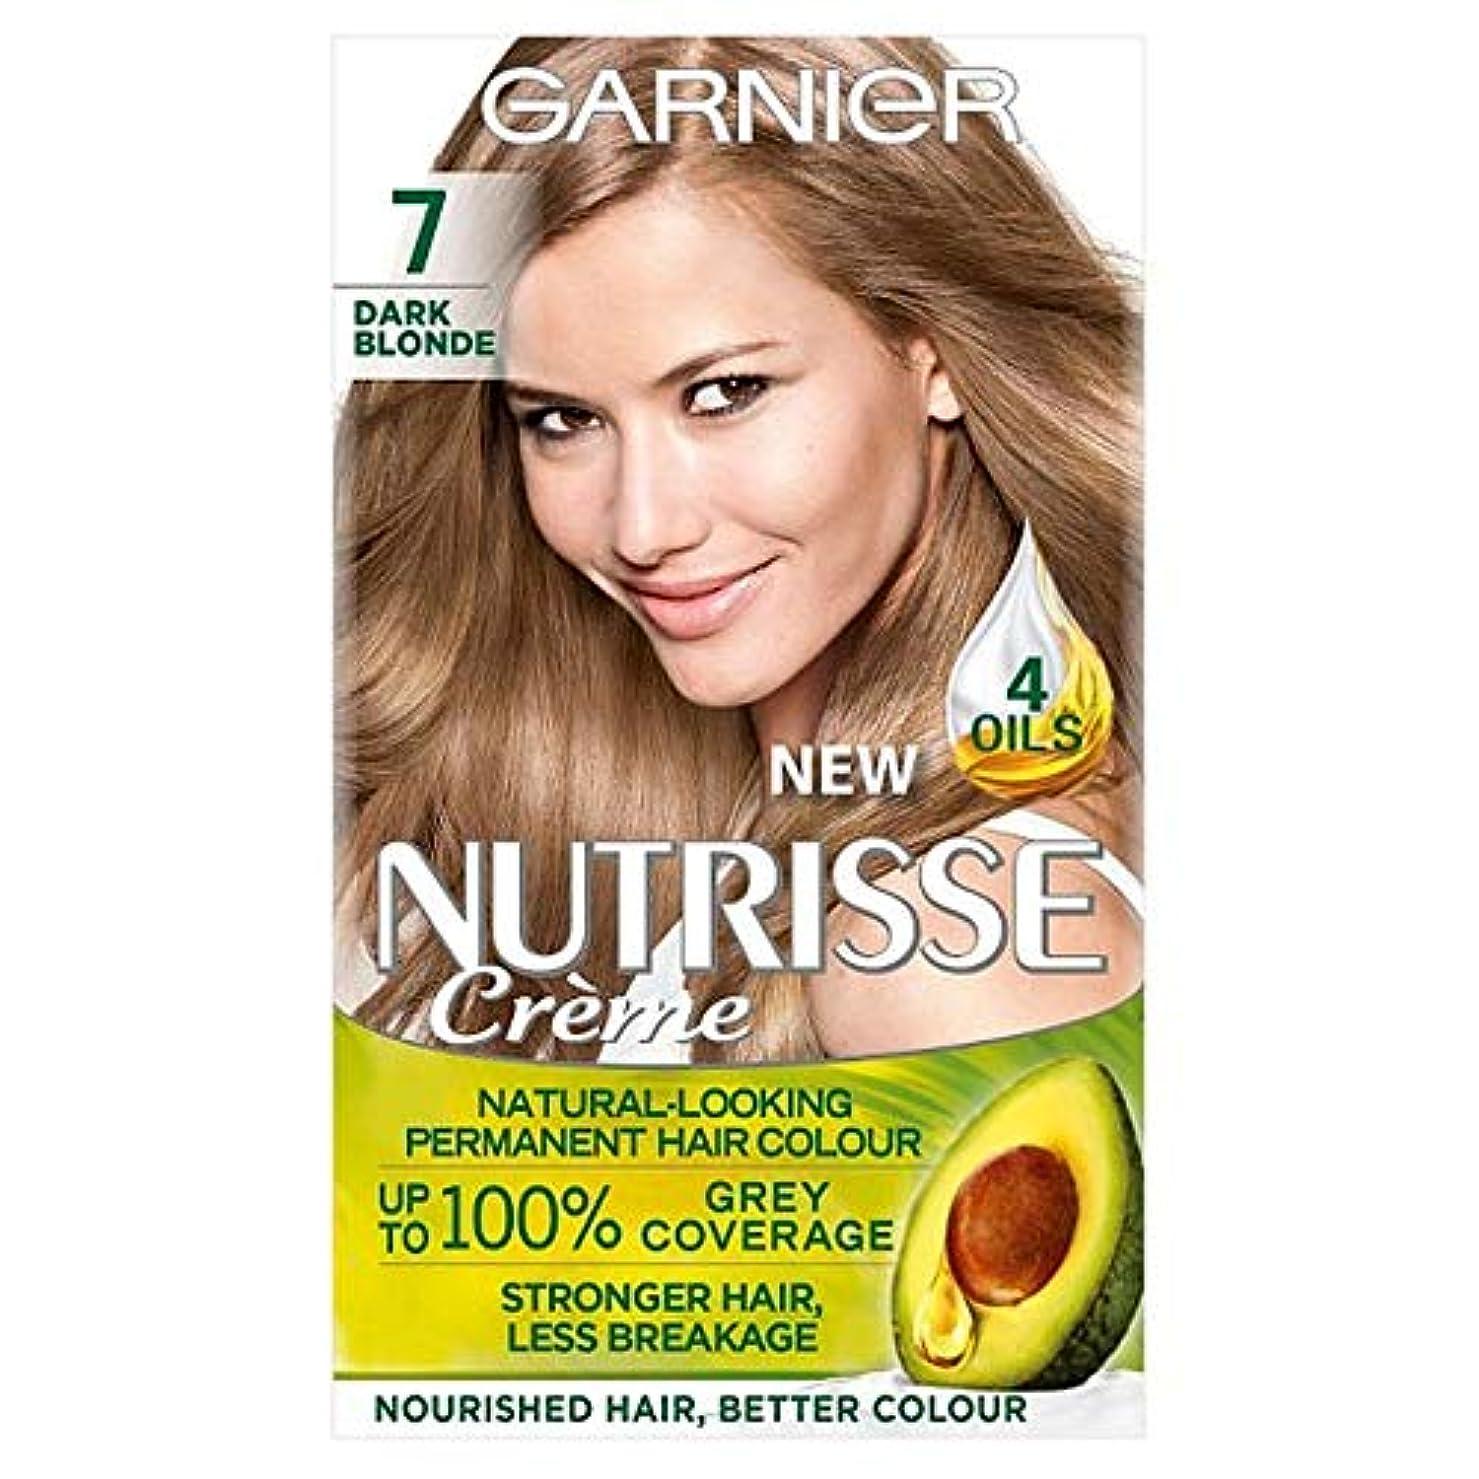 ゆりかご事故内向き[Nutrisse] ガルニエNutrisse 7ダークブロンドパーマネントヘアダイ - Garnier Nutrisse 7 Dark Blonde Permanent Hair Dye [並行輸入品]